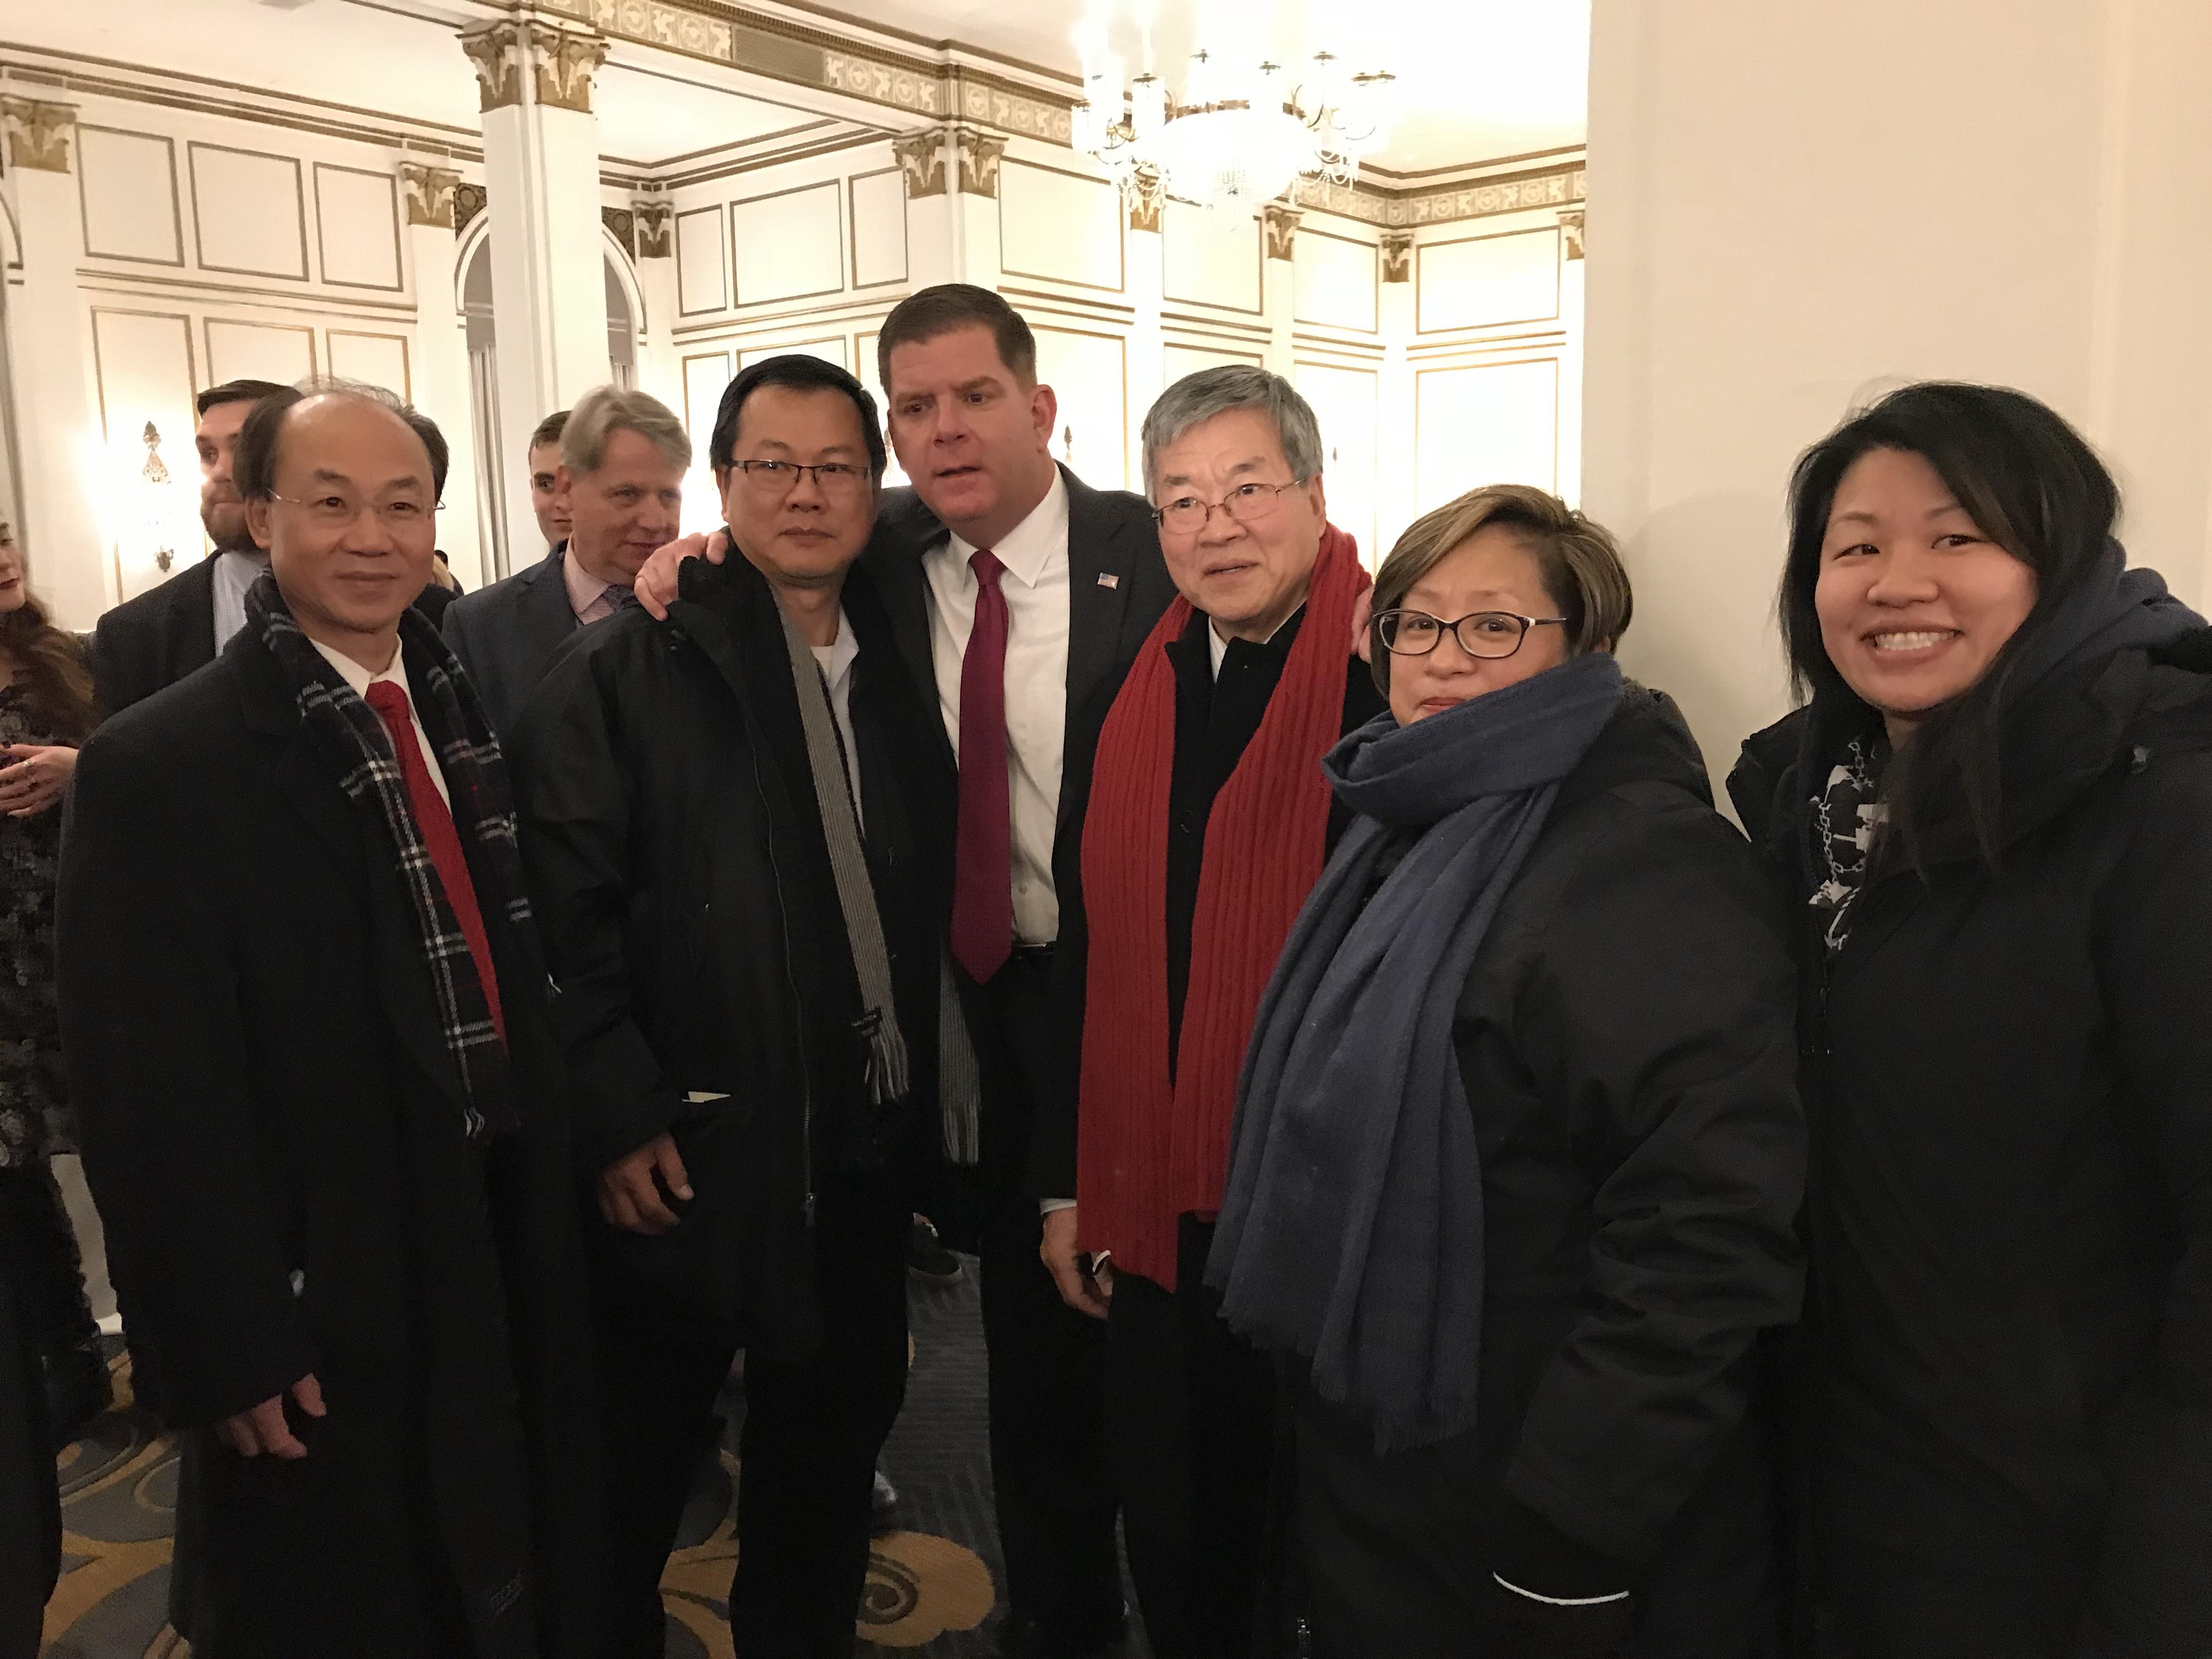 波士頓市長偉殊舉辦宣誓就職慶祝活動,與部分到場華人合影。(記者俞國梁/攝影)